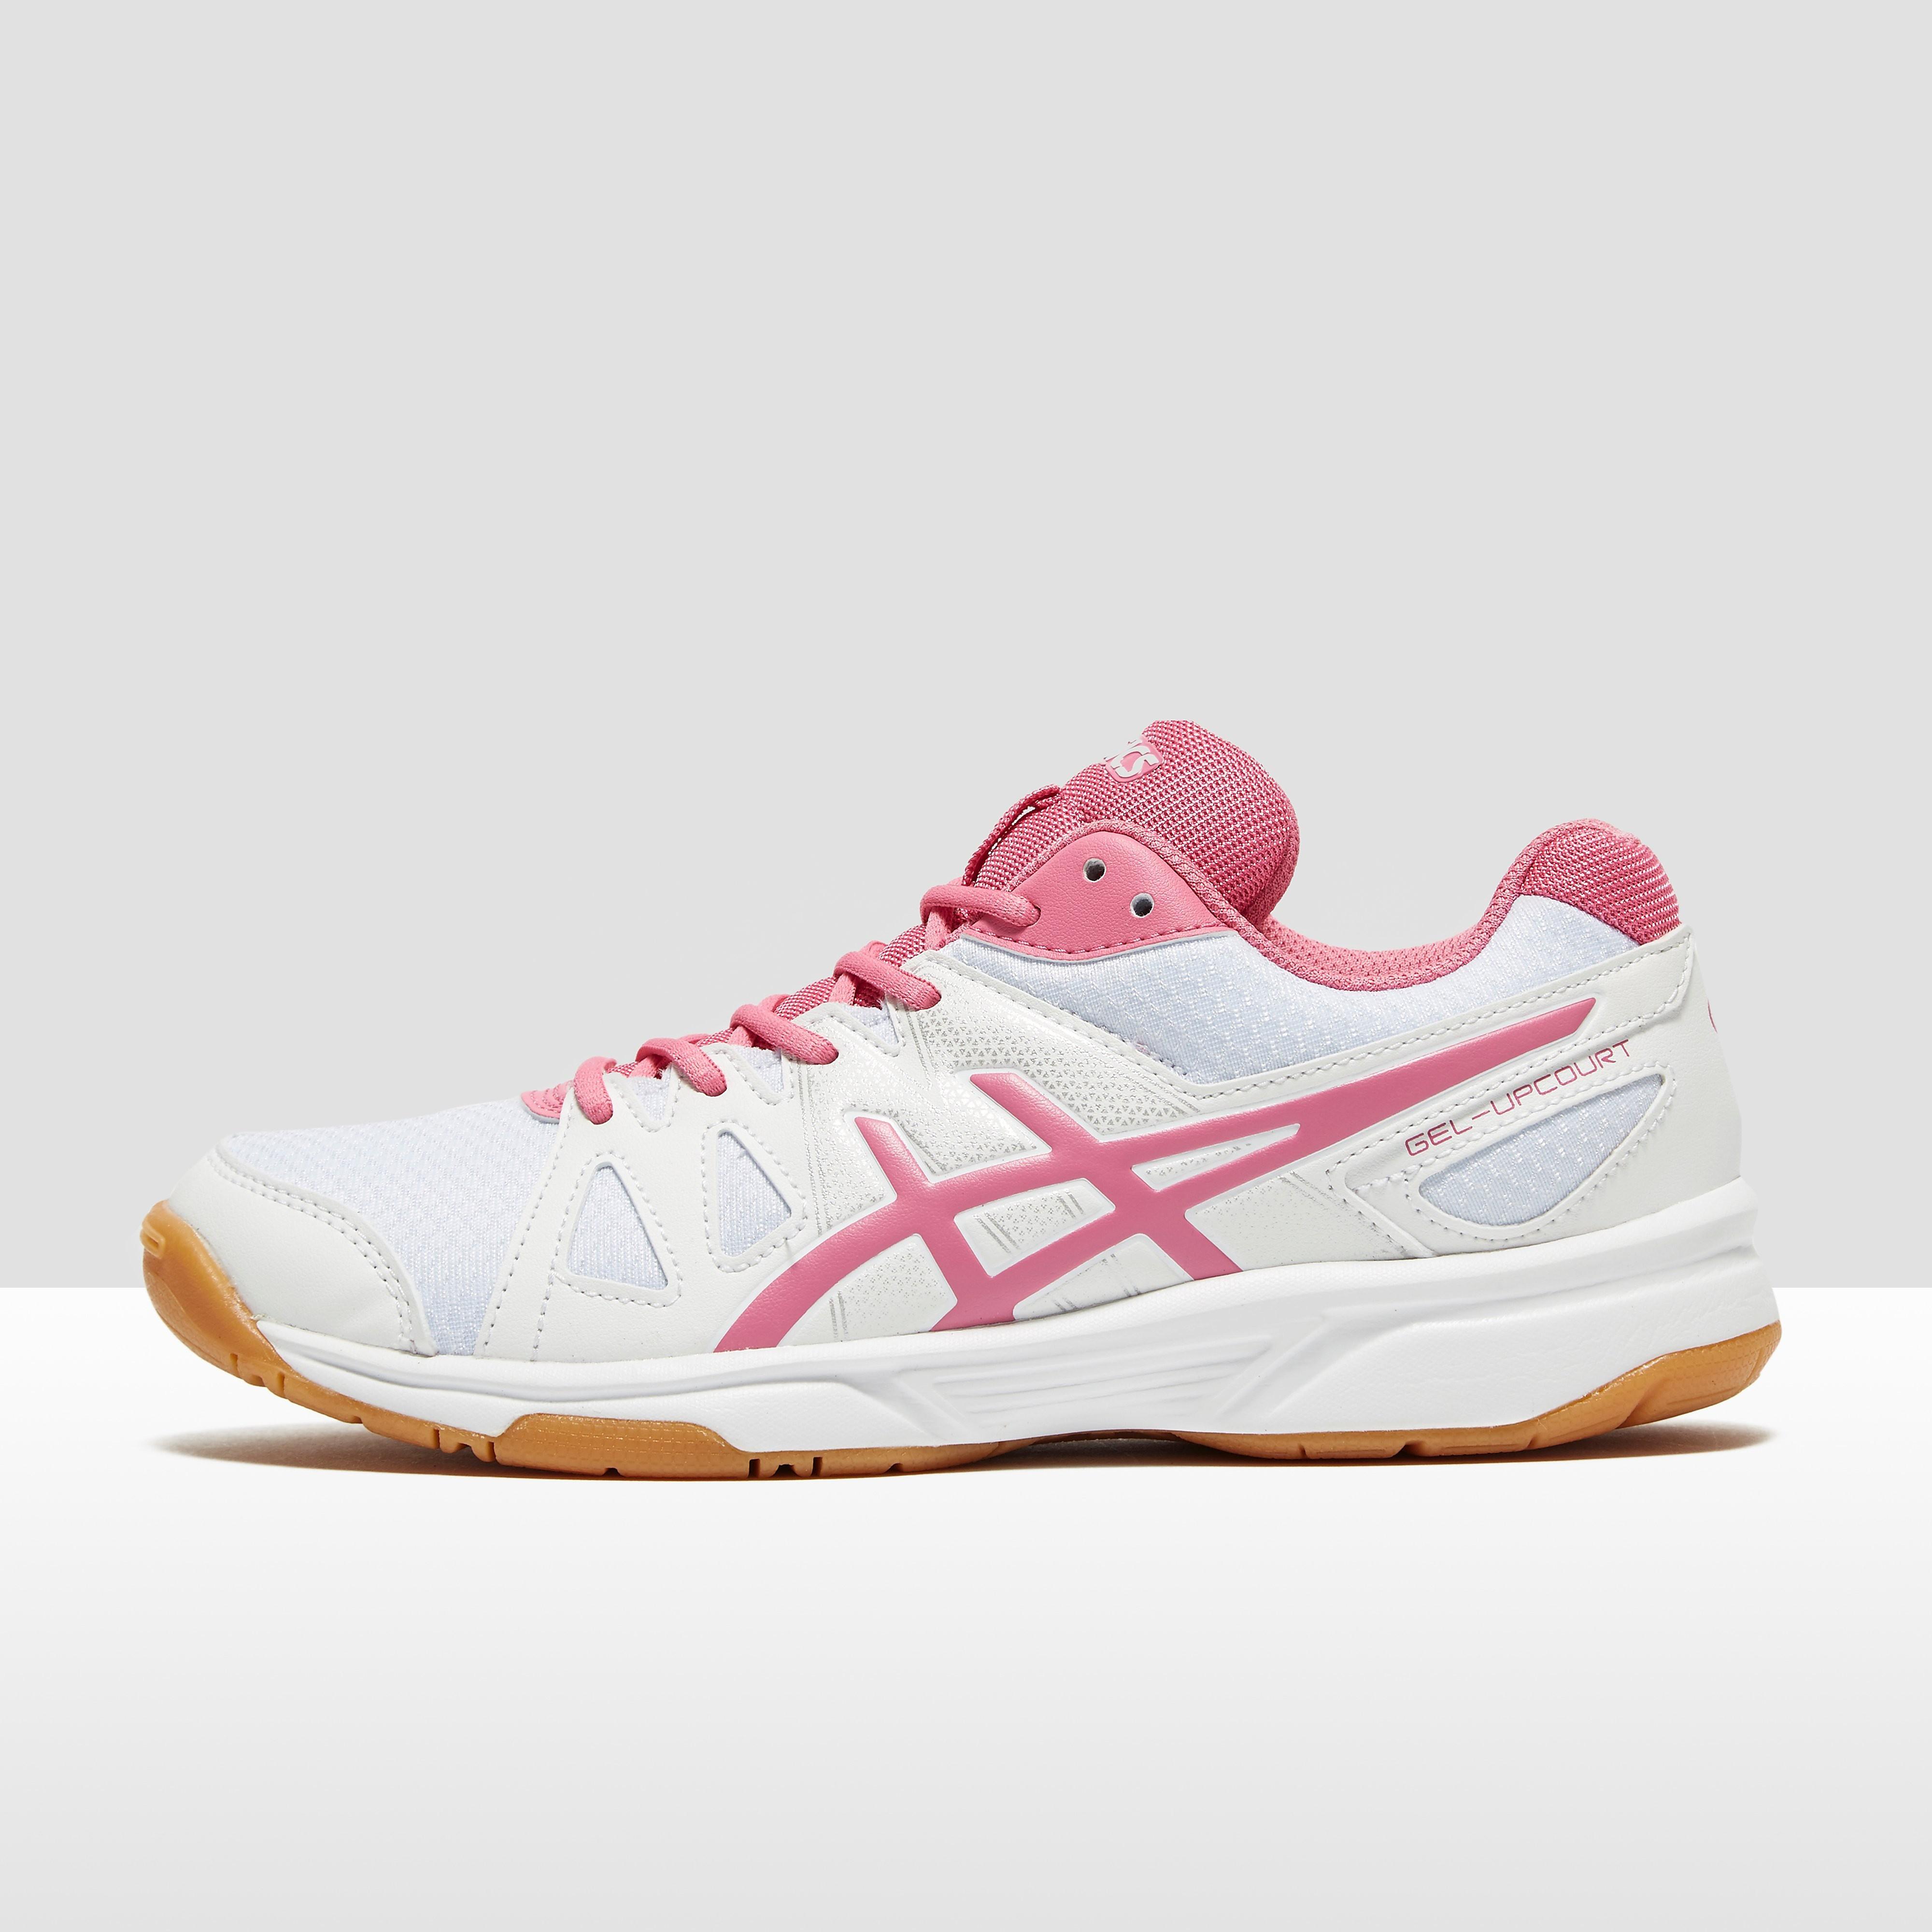 ASICS GEL-UPCOURT Women's Court Shoes